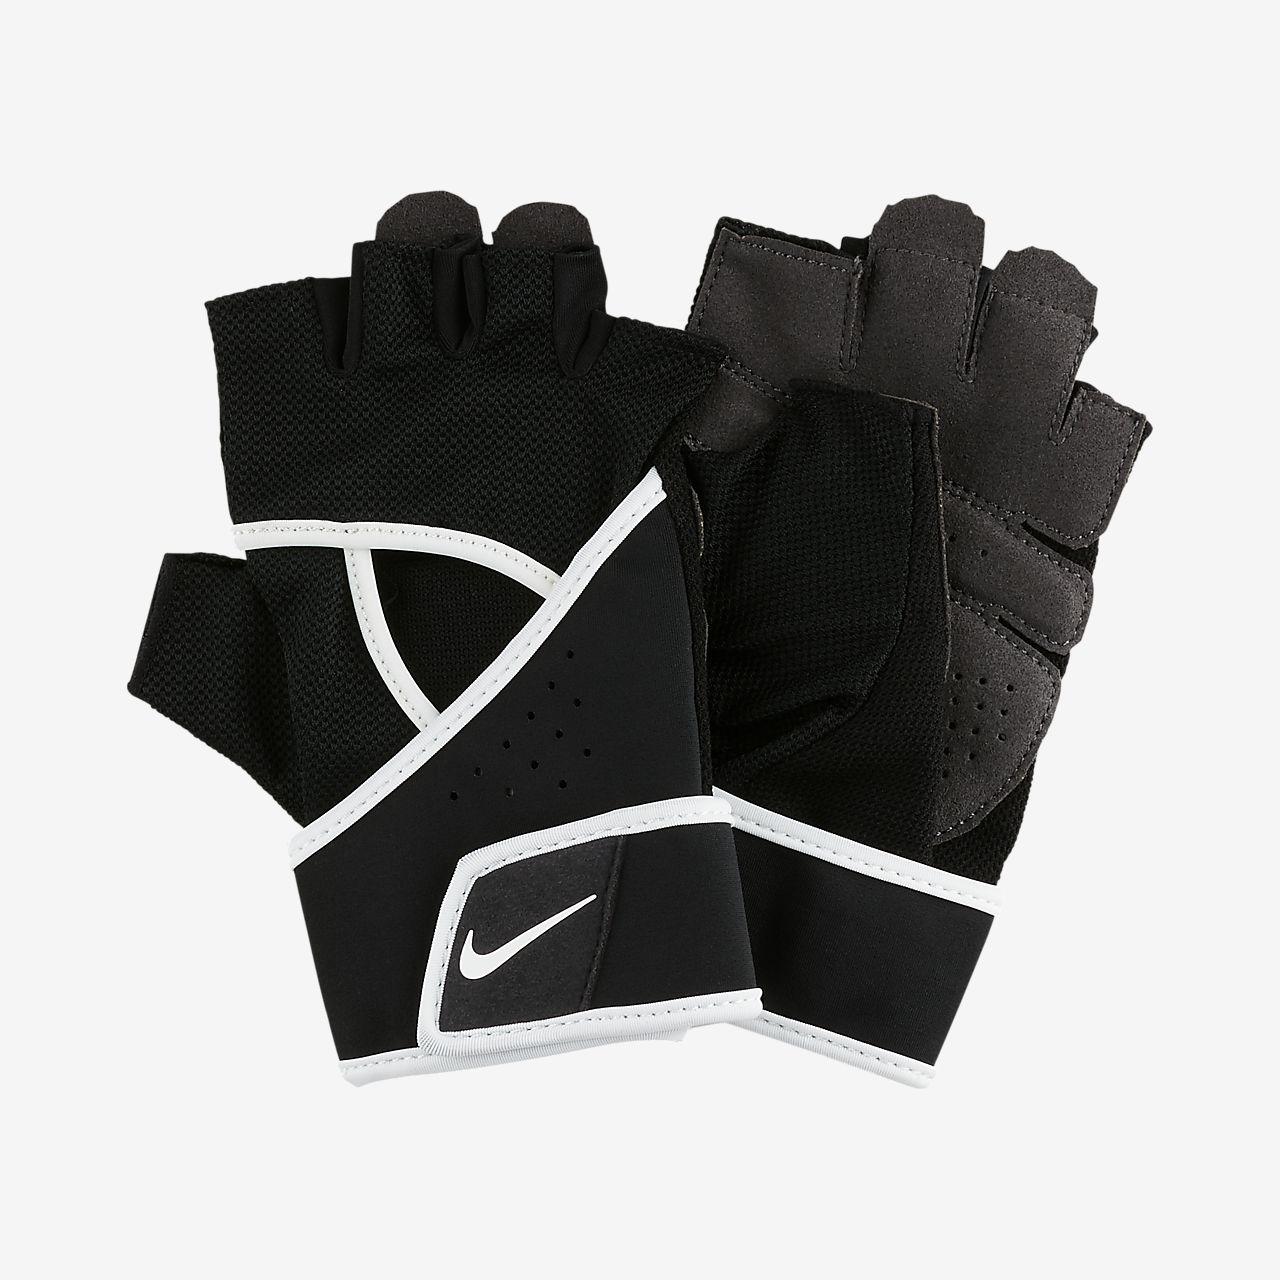 migliore più vicino a sentirsi a proprio agio Guanti da training Nike Gym Premium - Donna